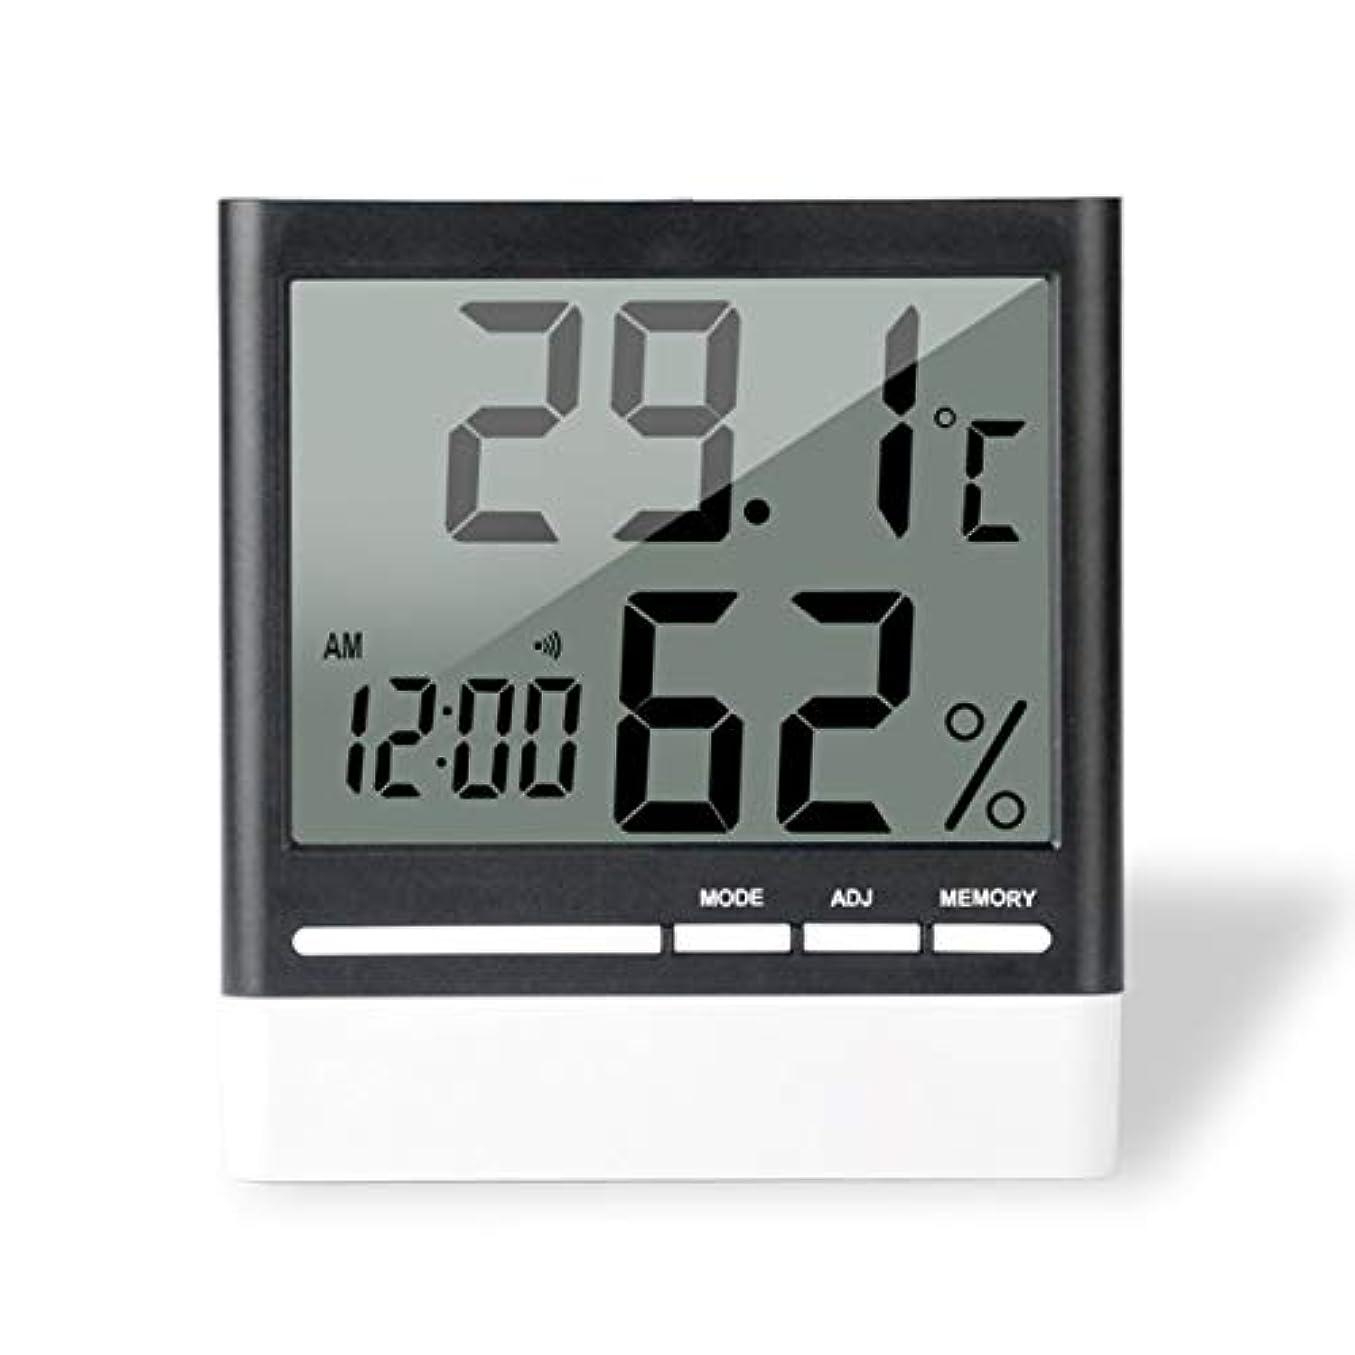 抽出二週間農夫Saikogoods 電子体温計湿度計 デジタルディスプレイ 温度湿度モニター アラーム時計 屋内家庭用 ブラック